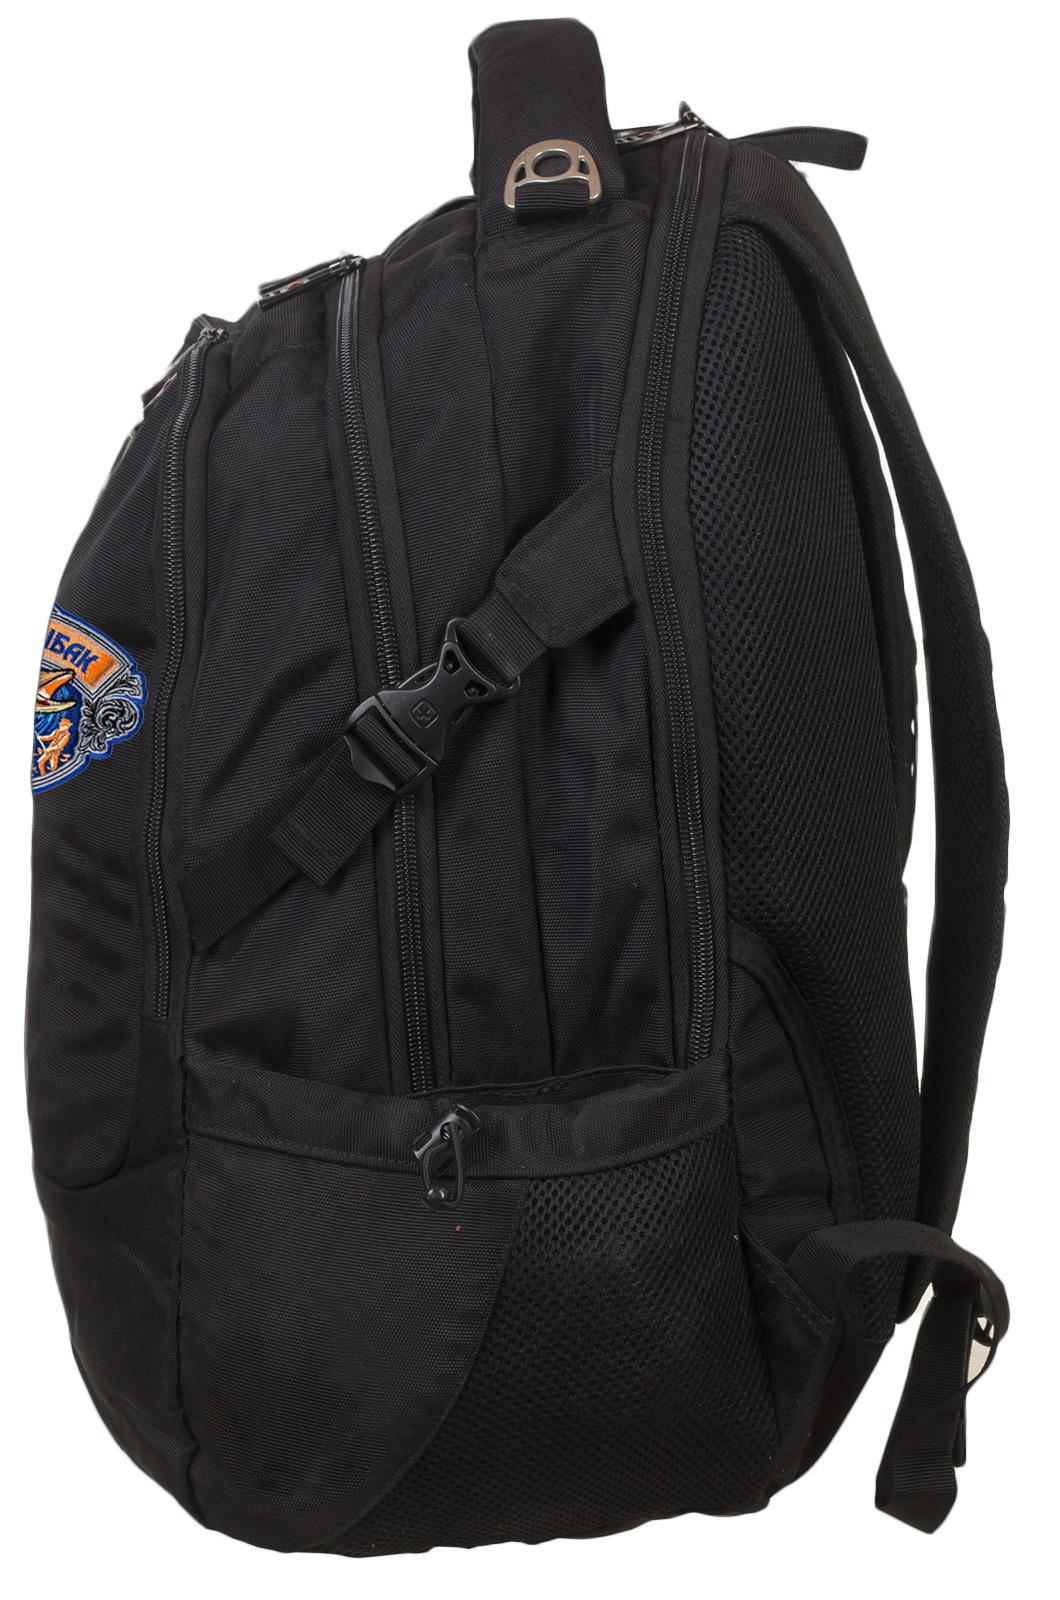 Вместительный надежный рюкзак с нашивкой Лучший Рыбак - купить в розницу